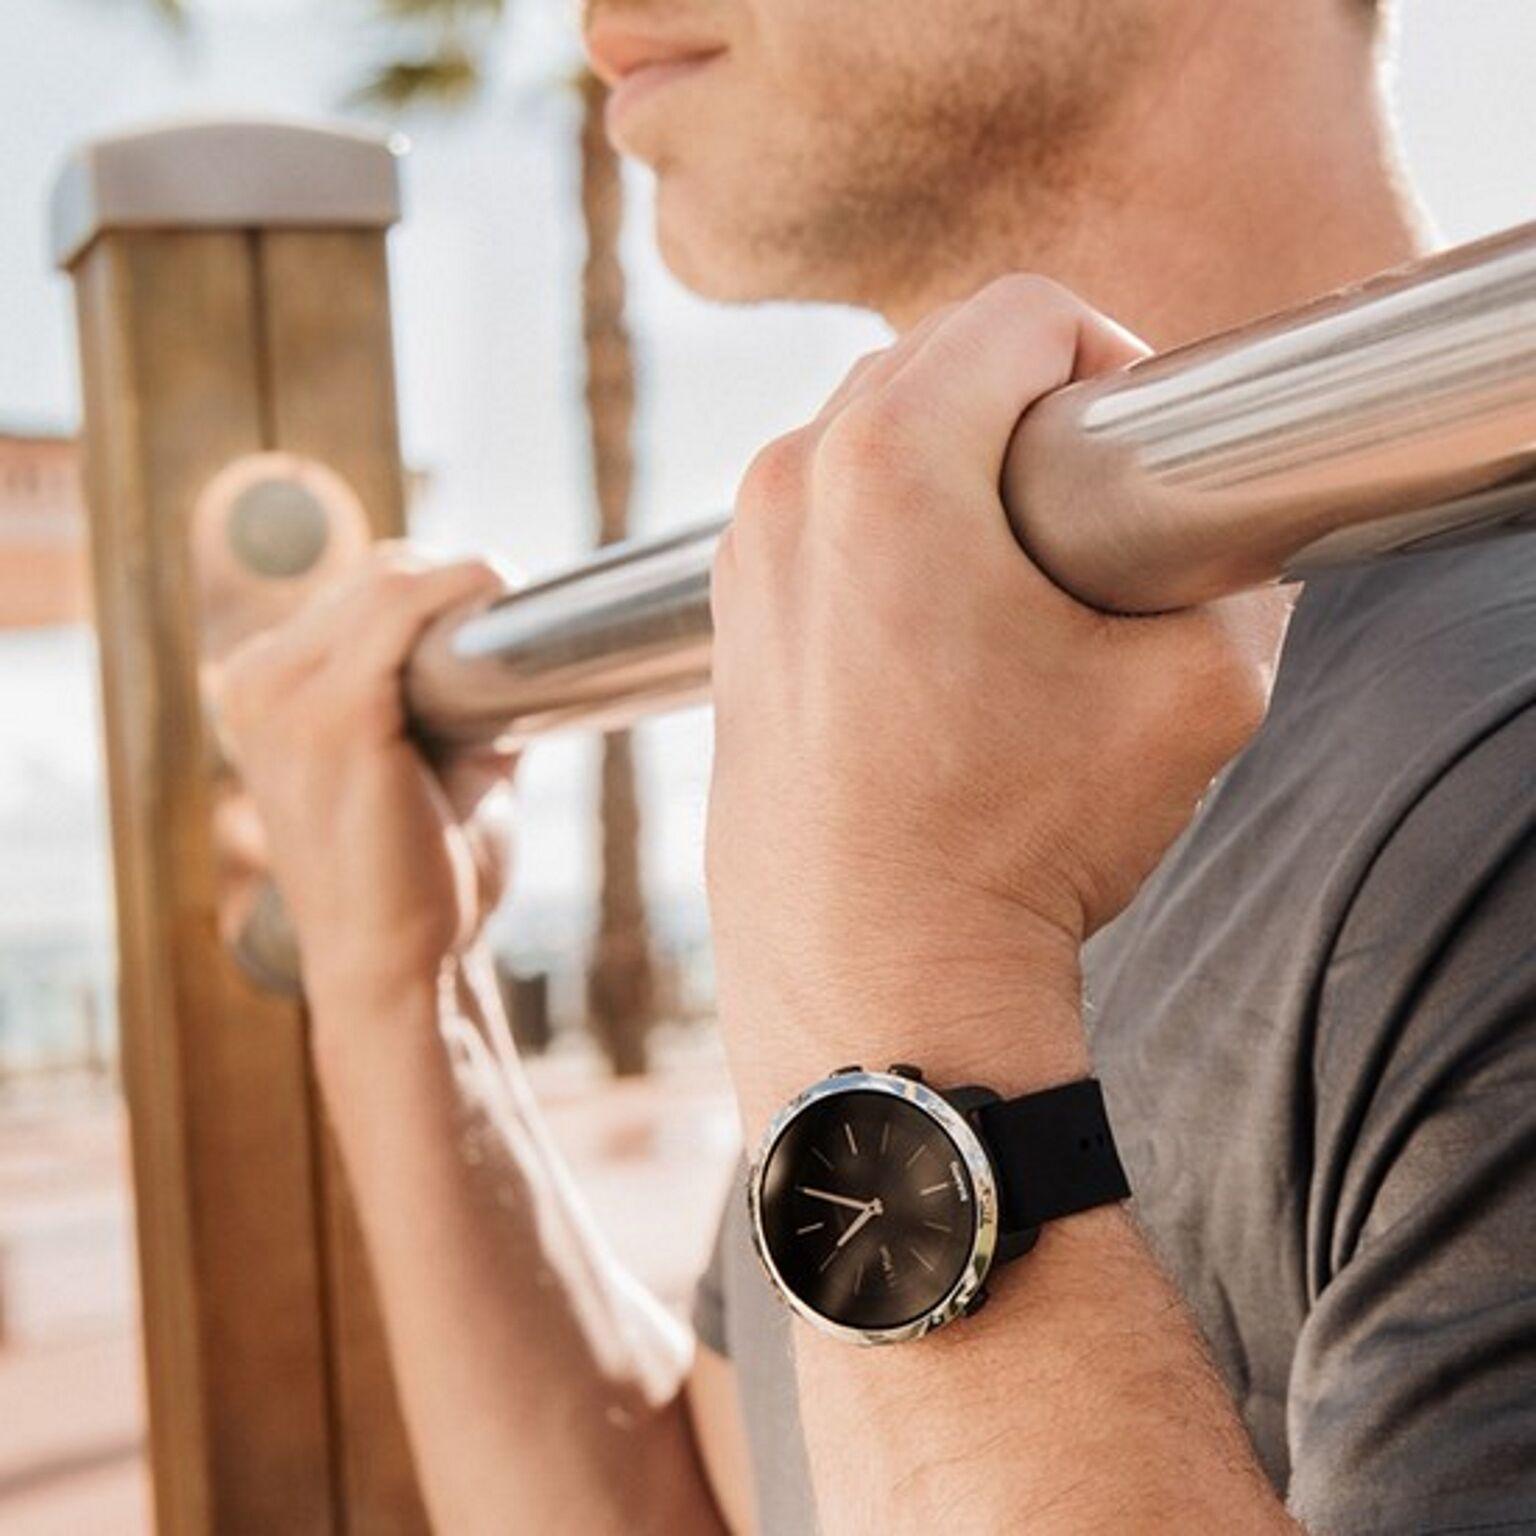 שעון כושר עם דופק מובנה עשיר בפונקציות חכמות דגם Suunto 3 Fitness במגוון צבעים לבחירה - משלוח חינם - תמונה 5